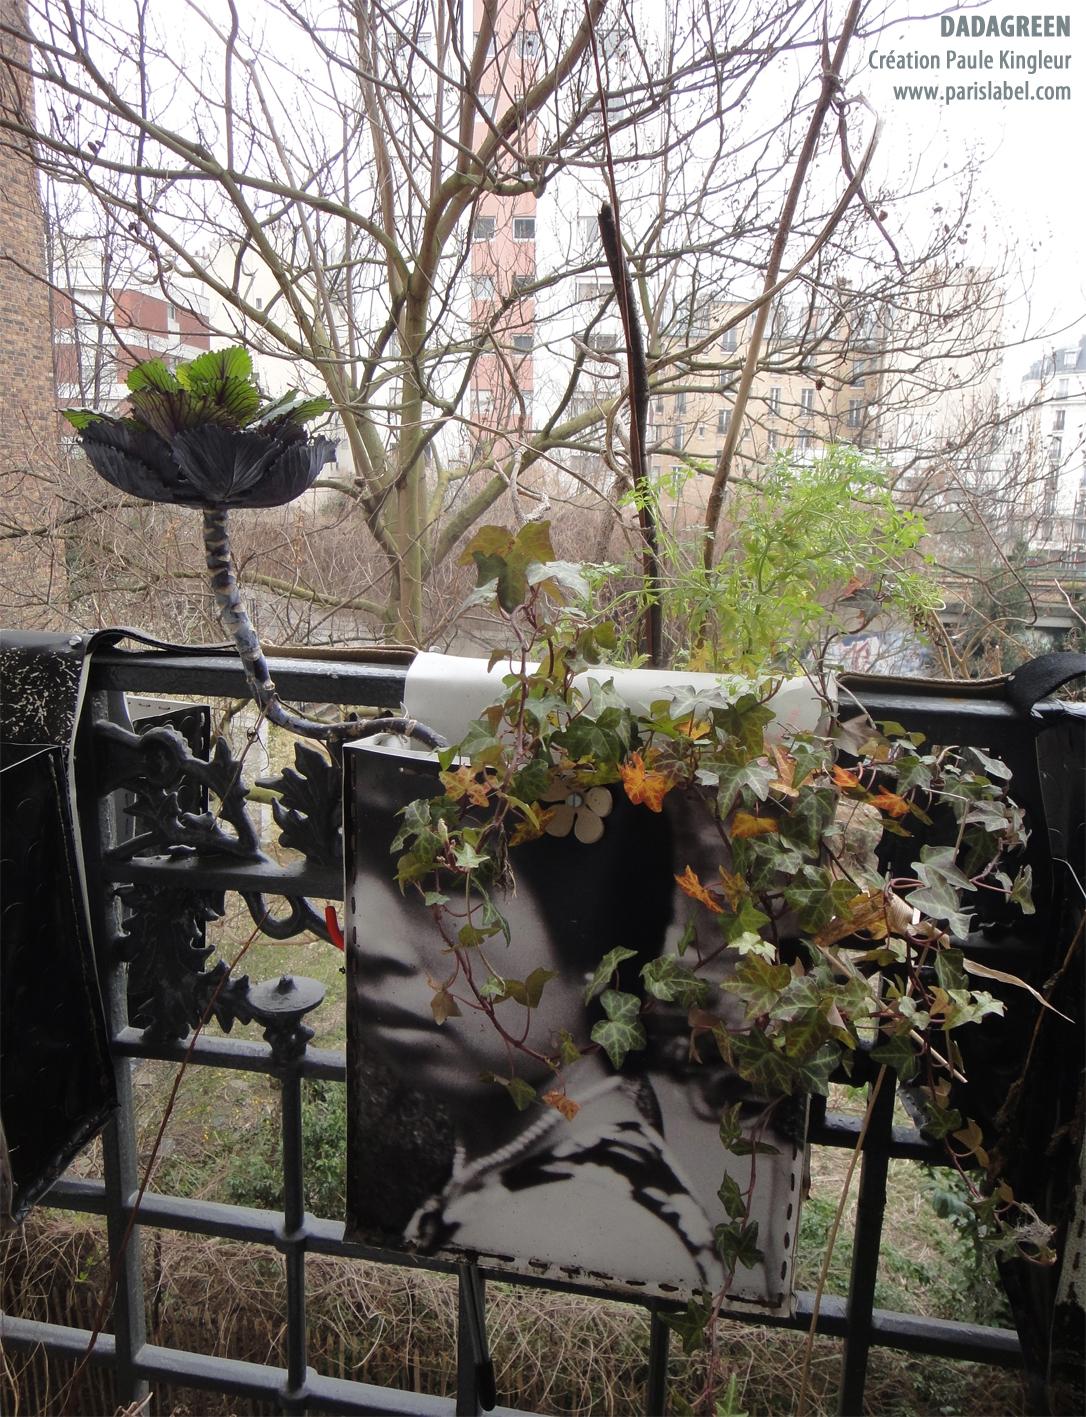 Création Paule Kingleur pour Paris Label : Dadagreen en pleine forme à la fin de l'hiver, mars 2013